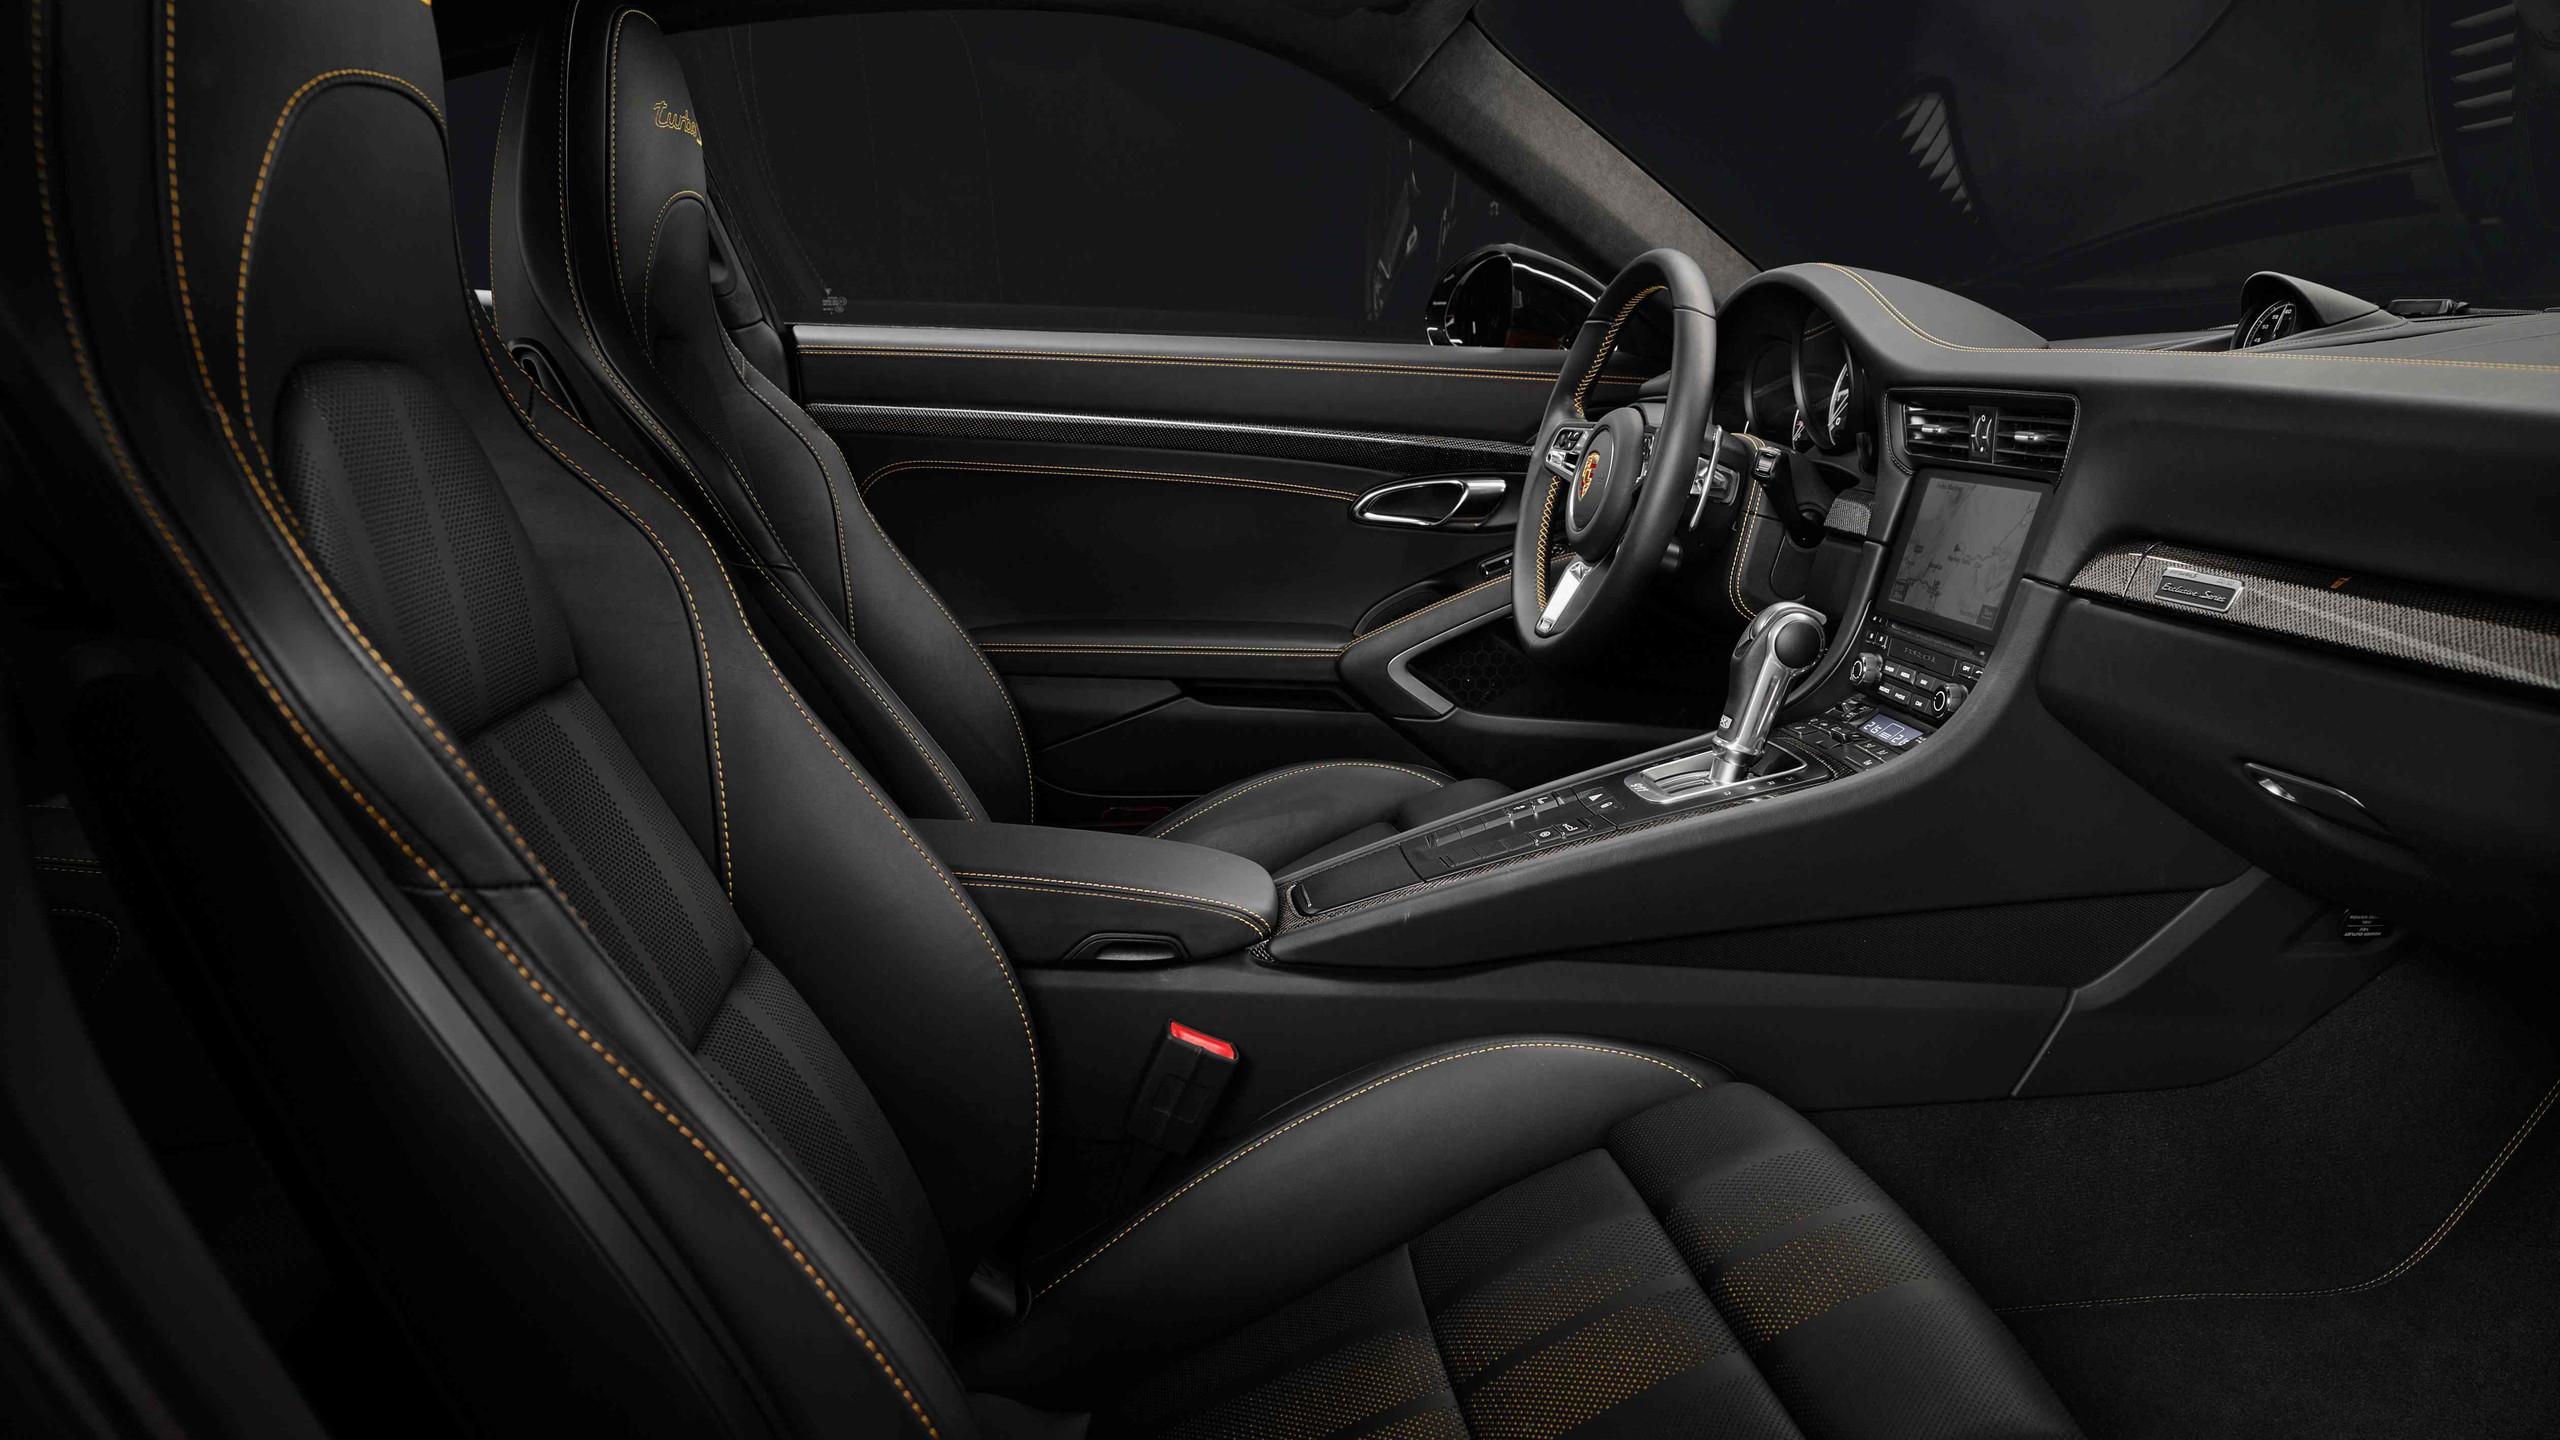 911 Turbo S Exclusive Series 4